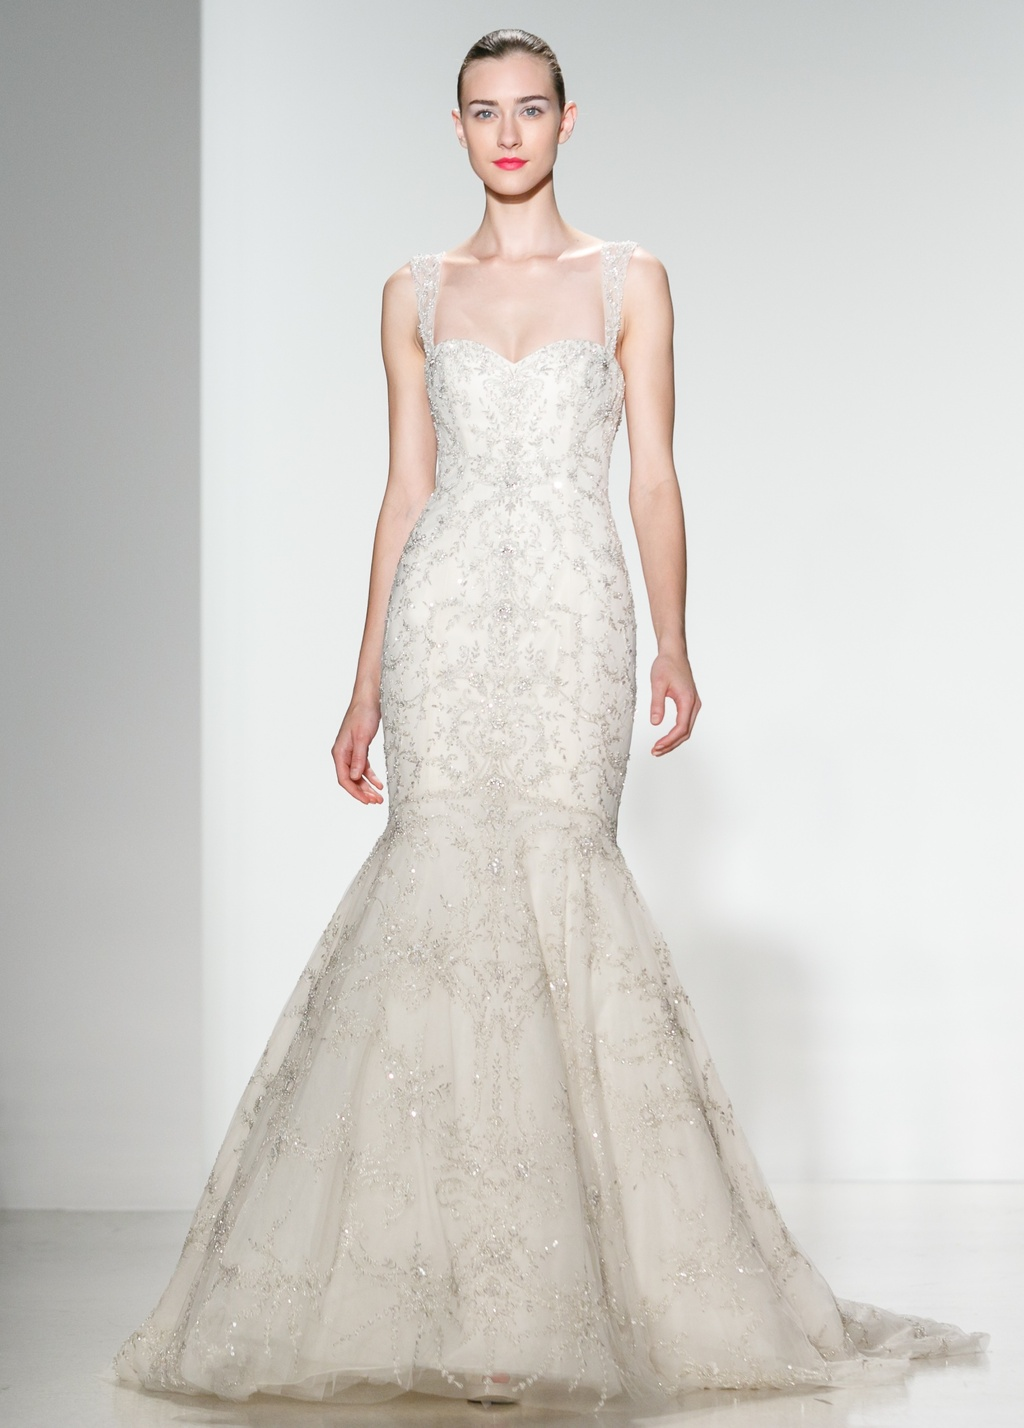 Kenneth-pool-wedding-dress-spring-2014-bridal-gabrielle.full